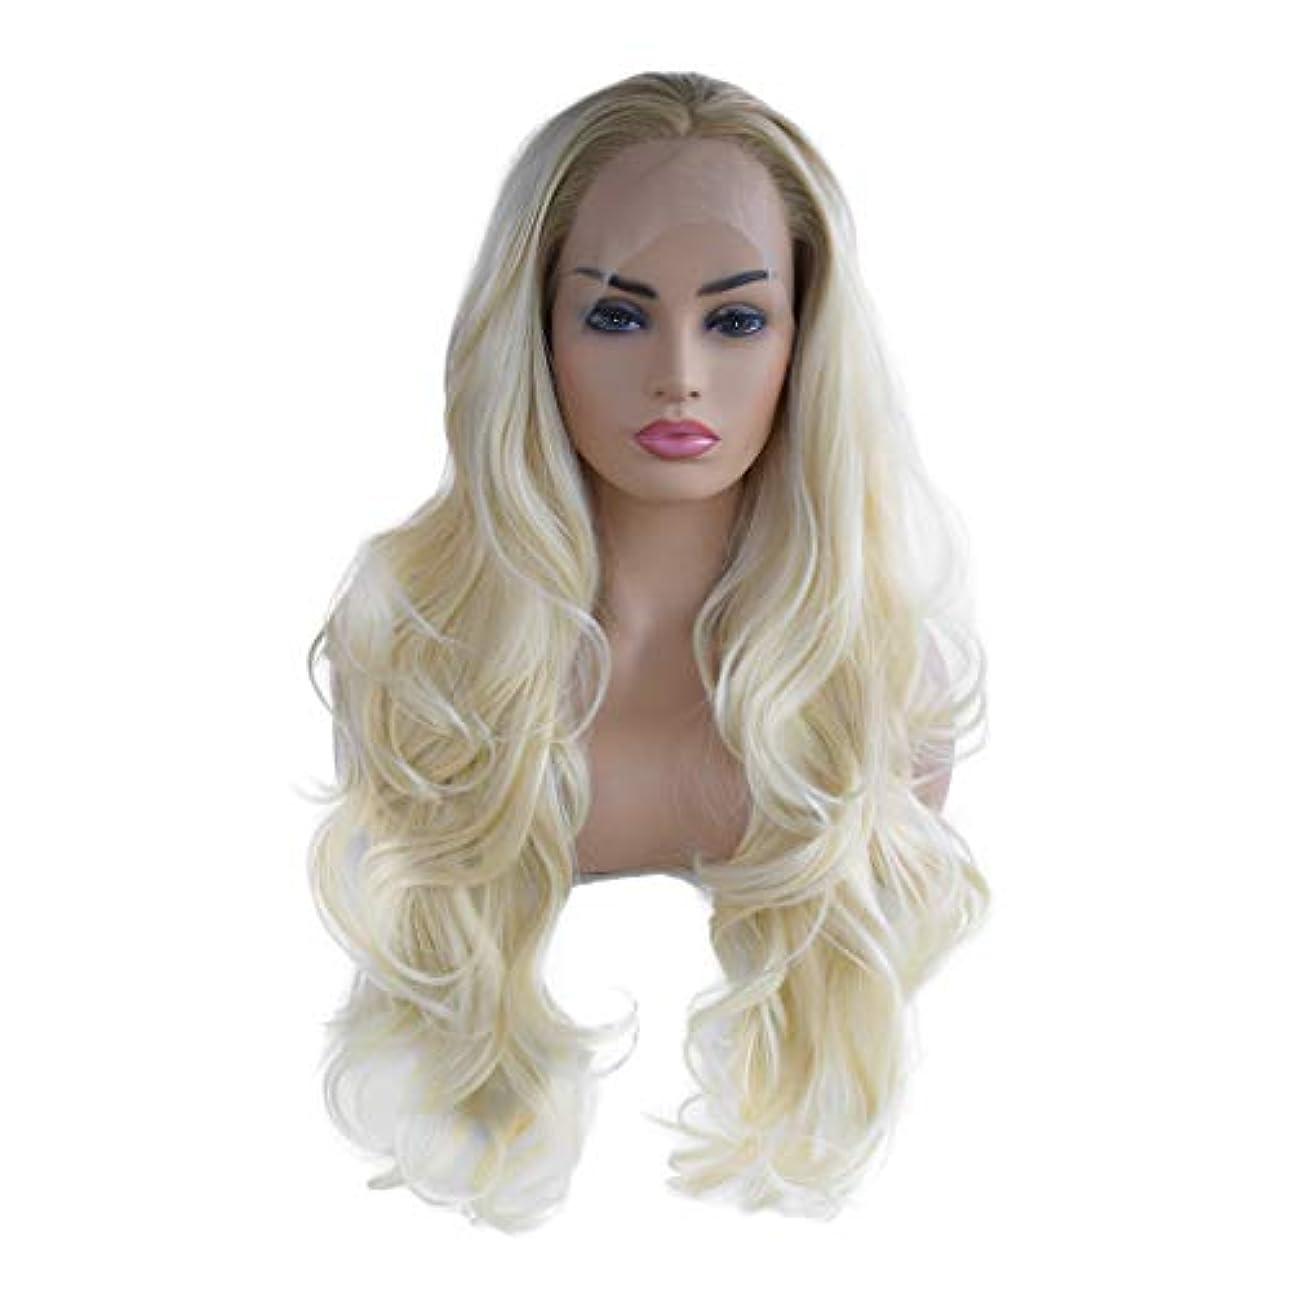 兄謝罪する登場女性の長い長い巻き毛のかつらファッションコスプレかつらフロントレースかつら